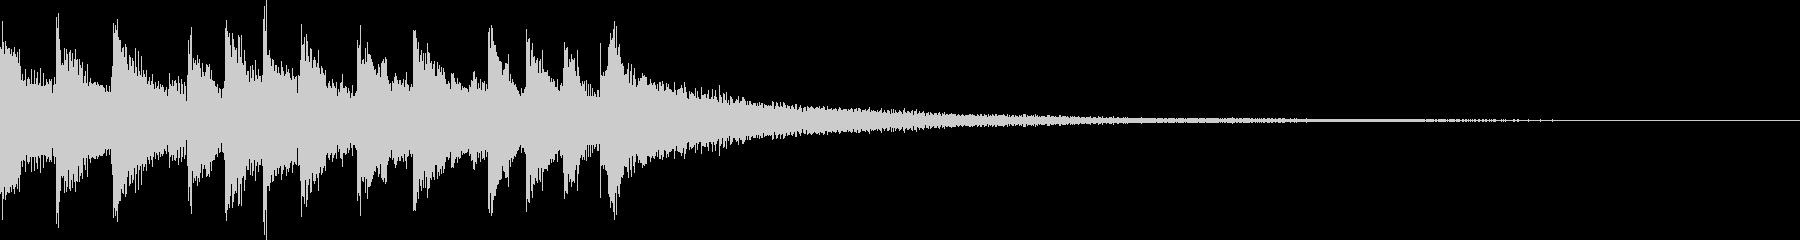 キャッチーEDM・ADMジングル4の未再生の波形